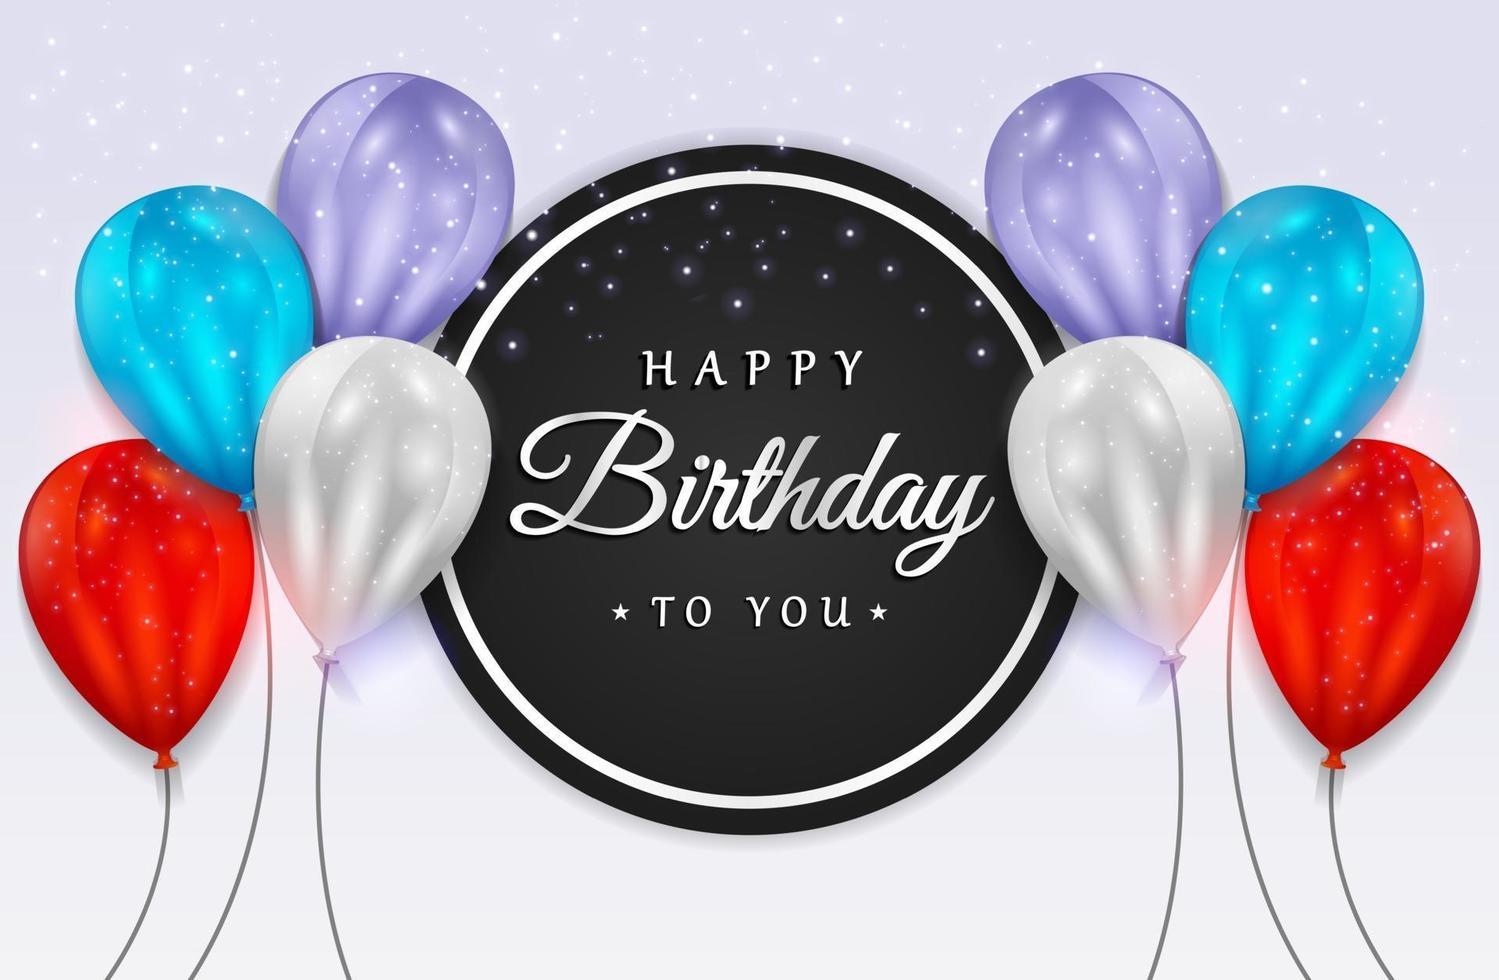 festa di buon compleanno con palloncini realistici e coriandoli glitterati per biglietto di auguri, banner festa, anniversario. vettore